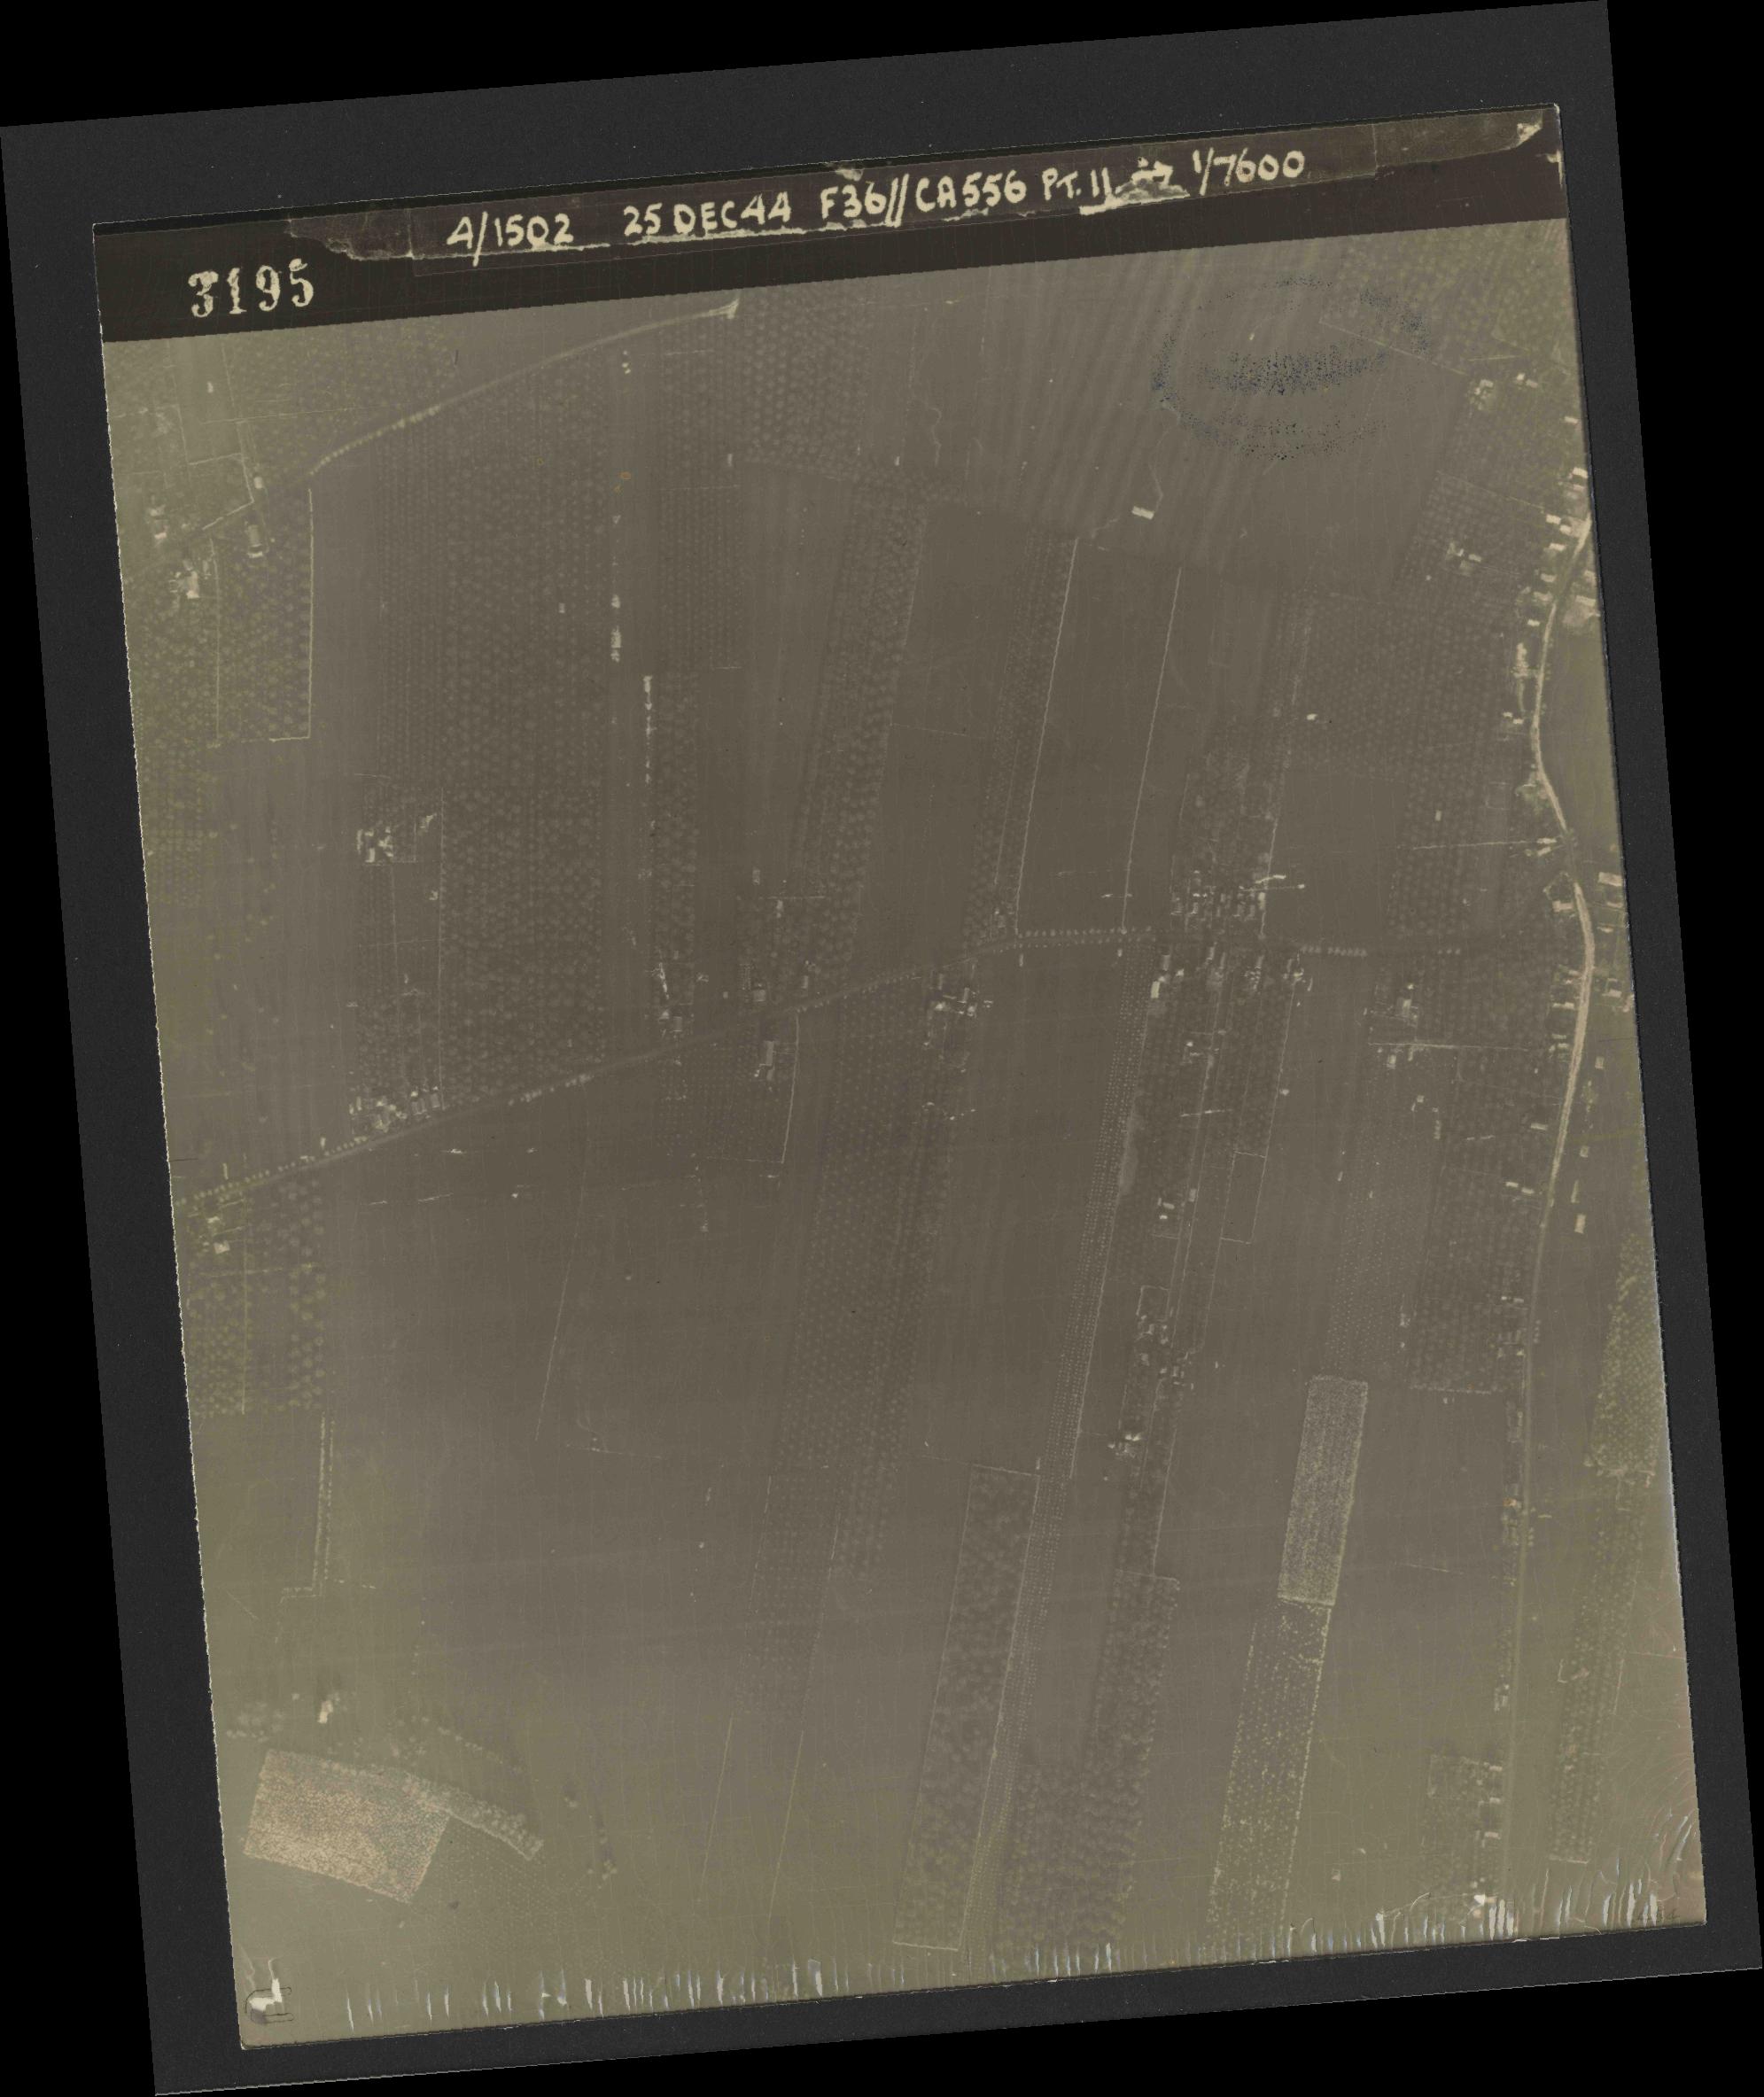 Collection RAF aerial photos 1940-1945 - flight 306, run 06, photo 3195